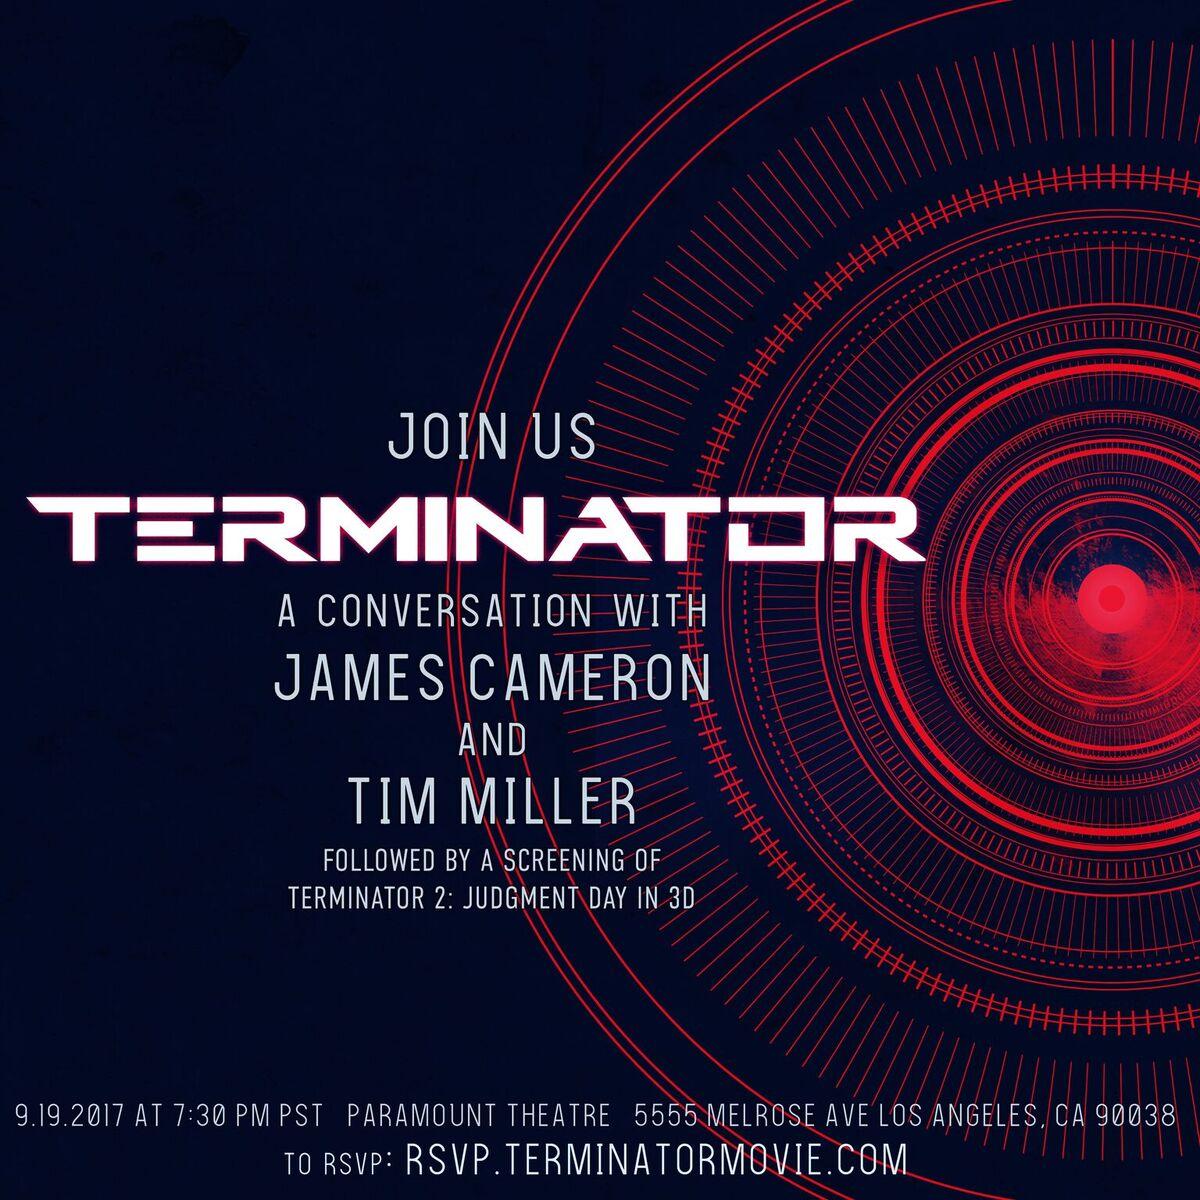 Terminator 6 Event James Cameron Tim Miller Paramount